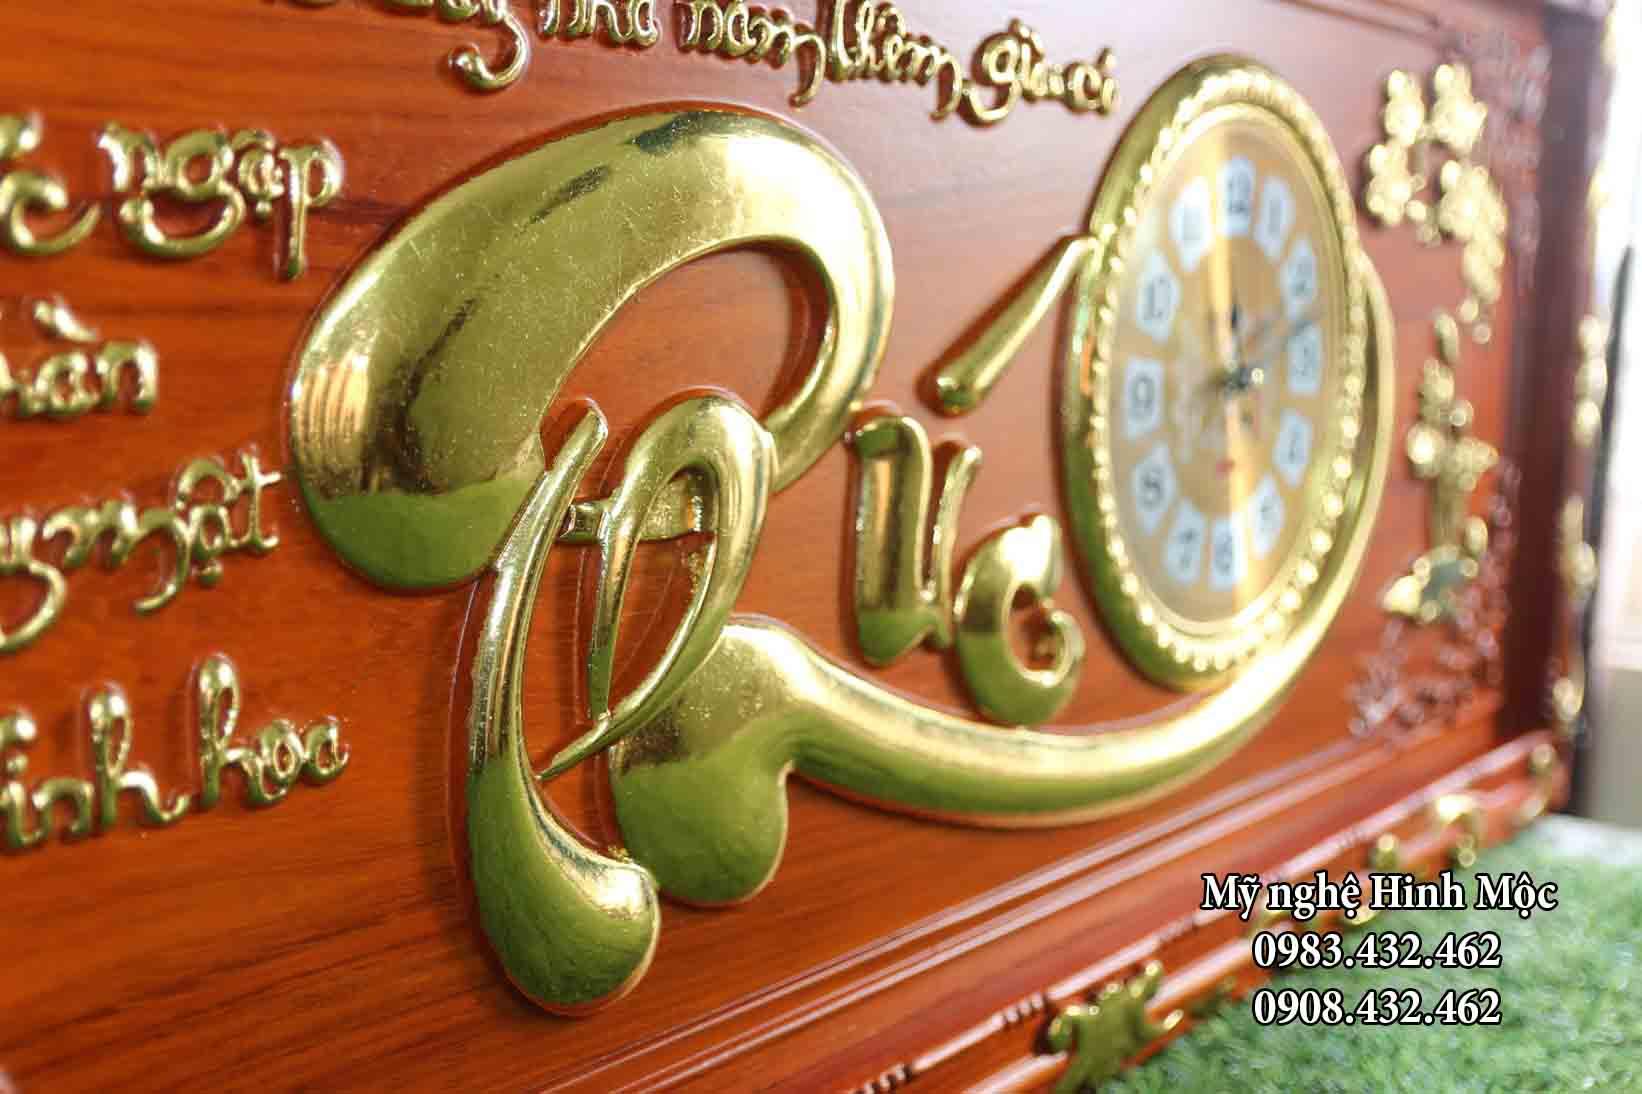 ĐH chữ Phúc gỗ hương